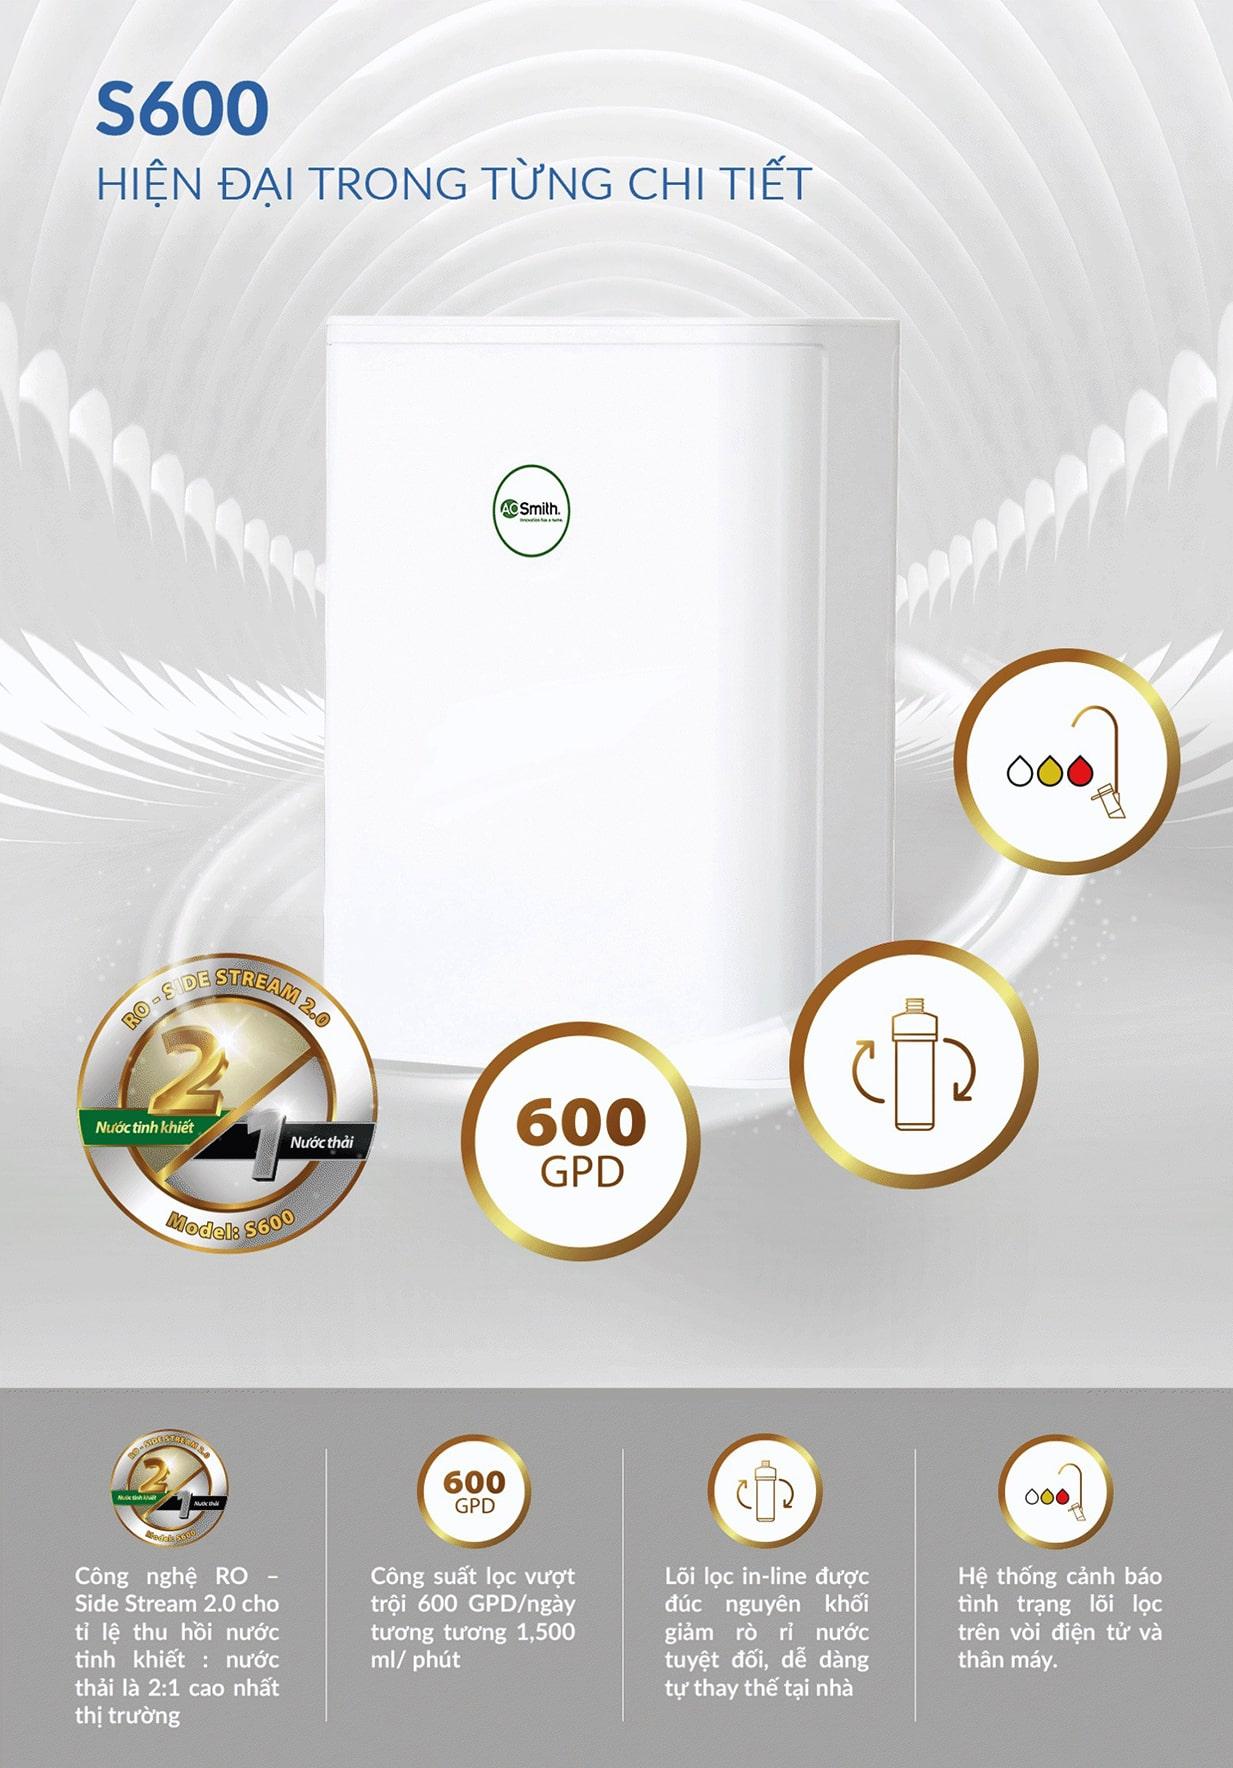 AoSmith S600 chiếm được cảm tình của số đông người tiêu dùng